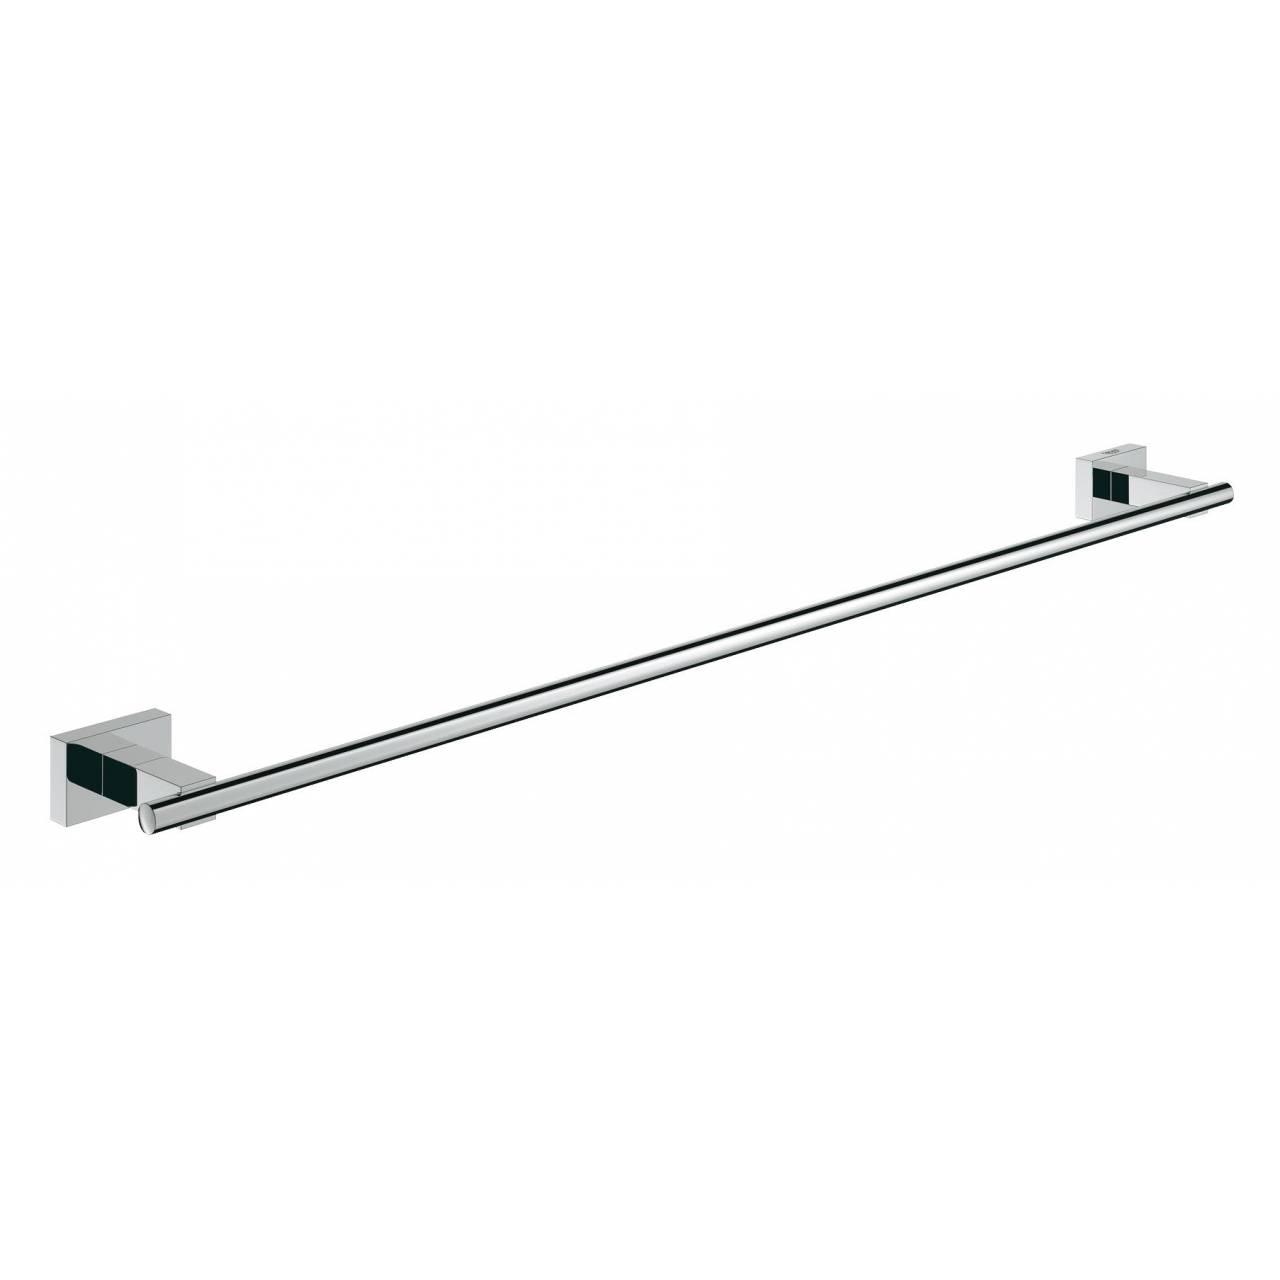 Держатель для банного полотенца GROHE Essentials Cube 600 мм, хром (40509001)